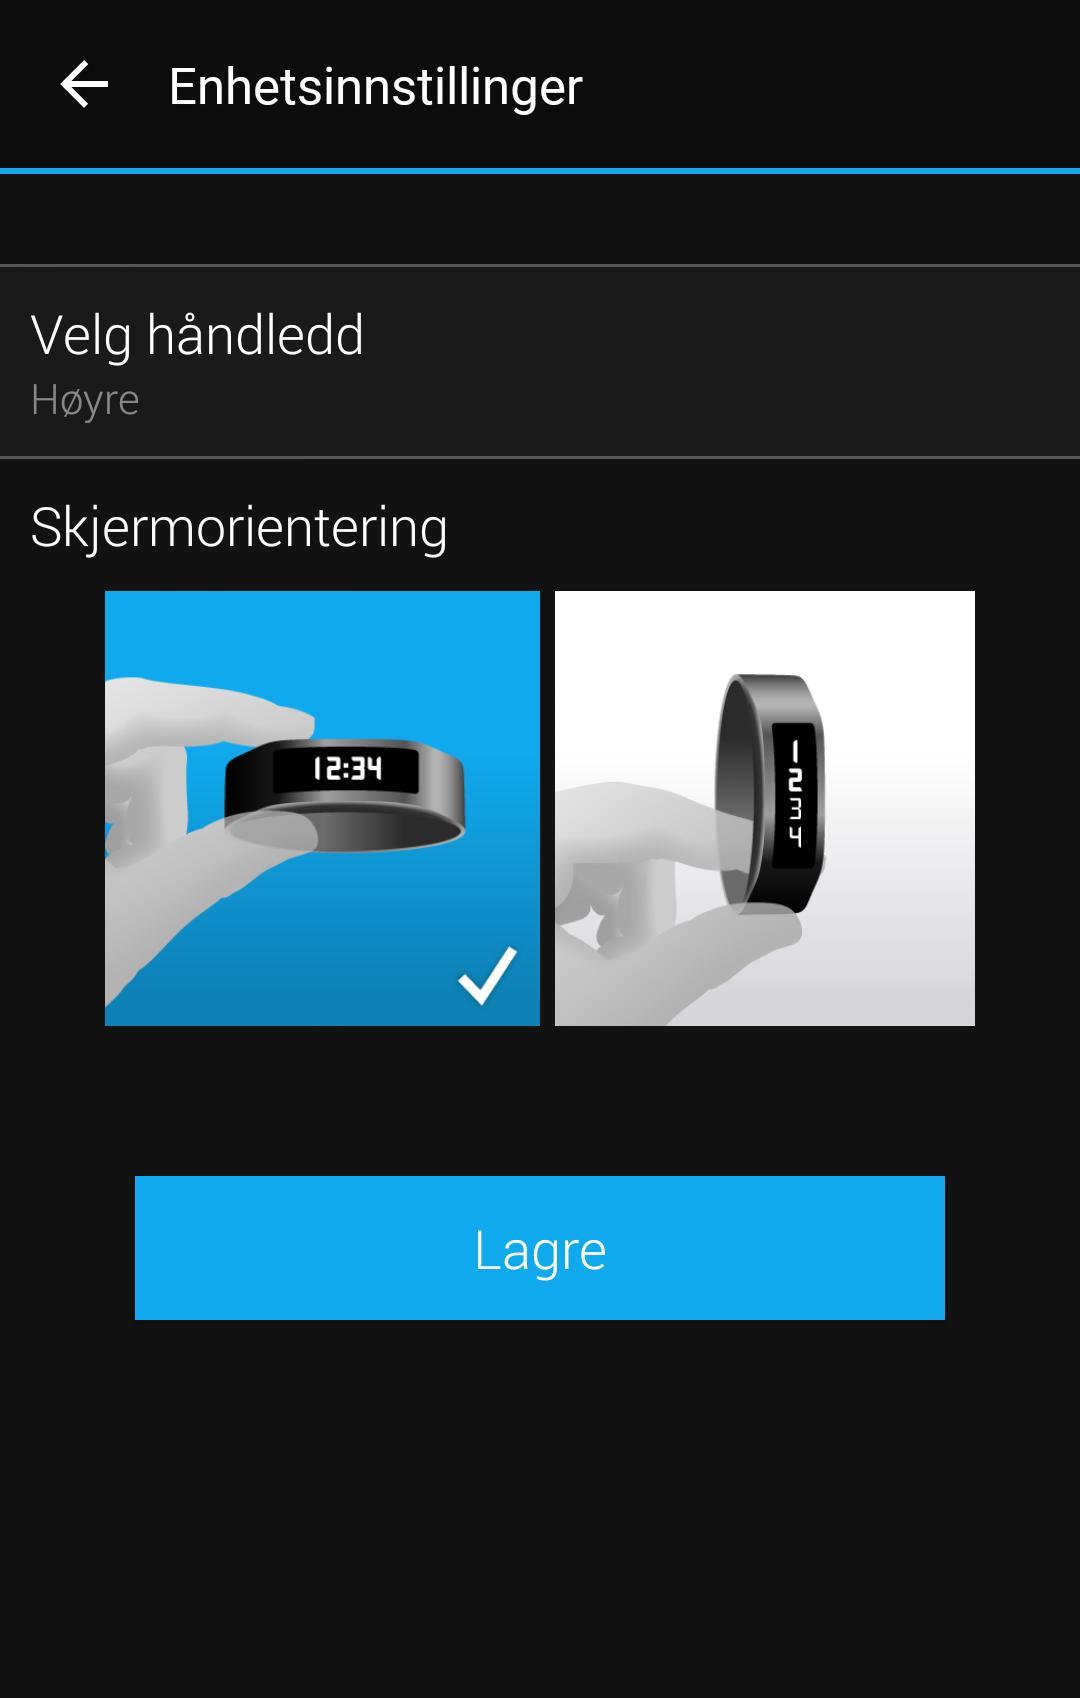 Du kan selv velge hvordan displayet skal vise informasjon.